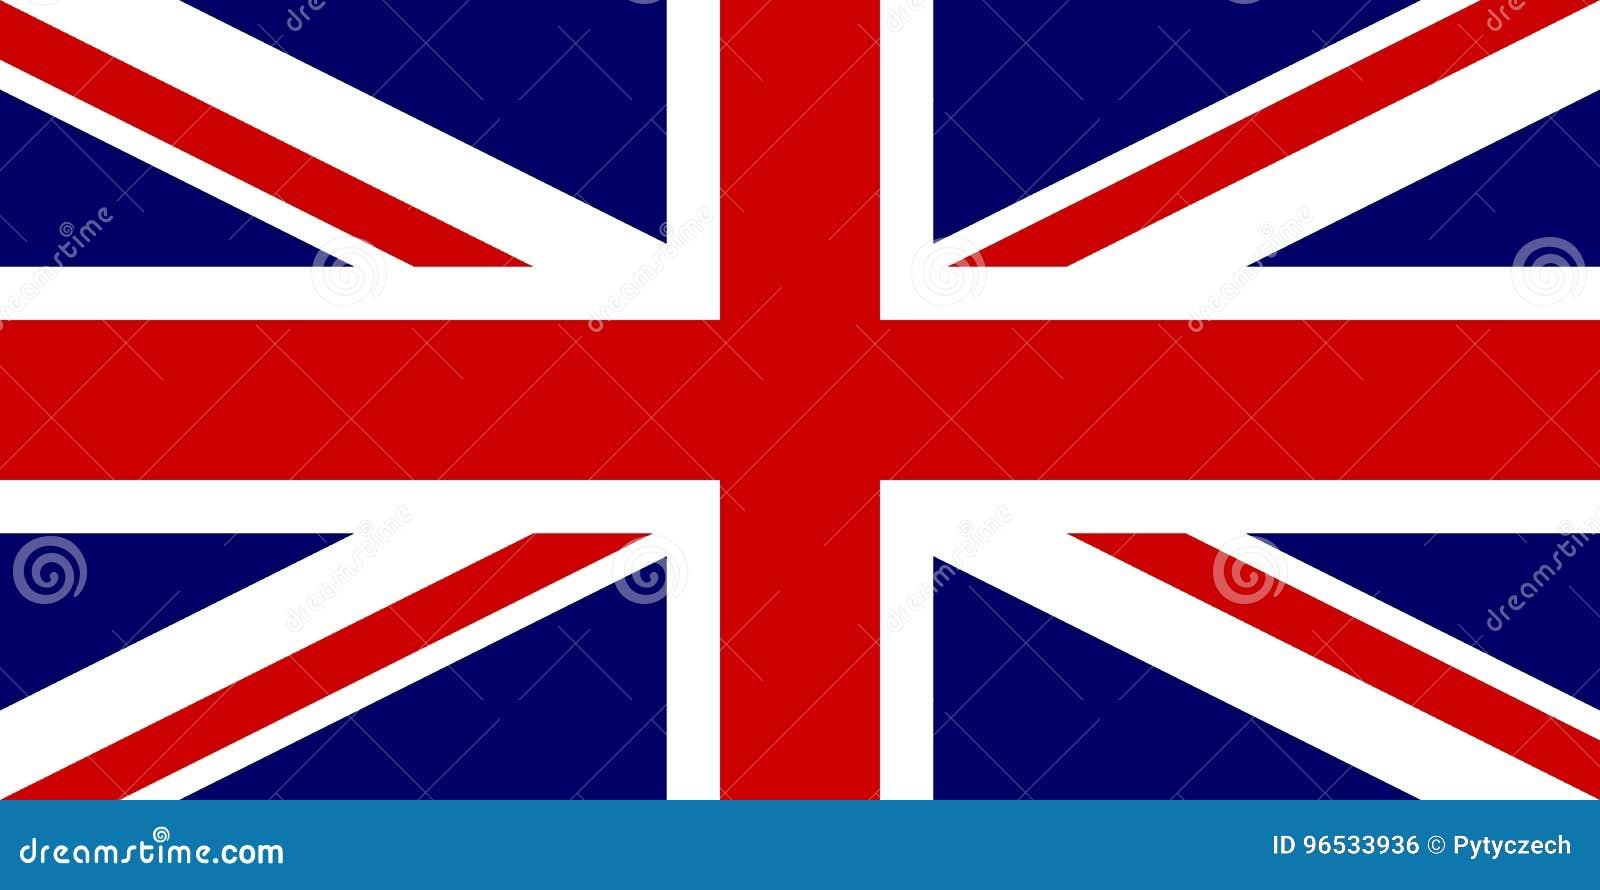 Bandiera ufficiale del Regno Unito di Gran Bretagna e Irlanda del Nord Bandiera BRITANNICA aka Union Jack Illustrazione di vettor